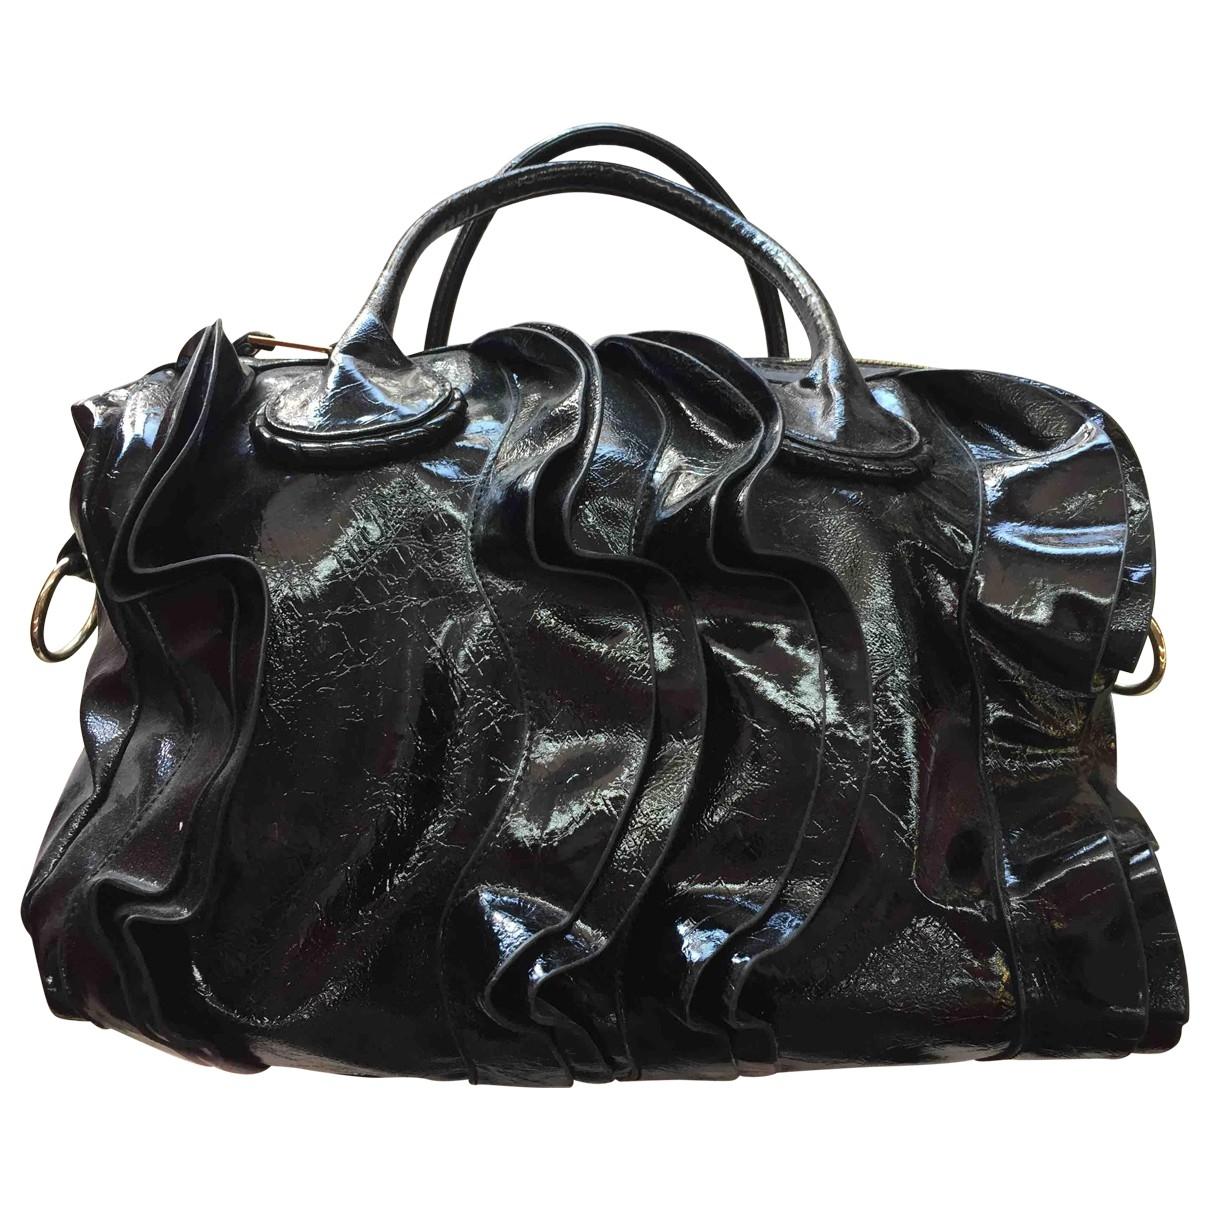 Steve Madden \N Black Patent leather handbag for Women \N